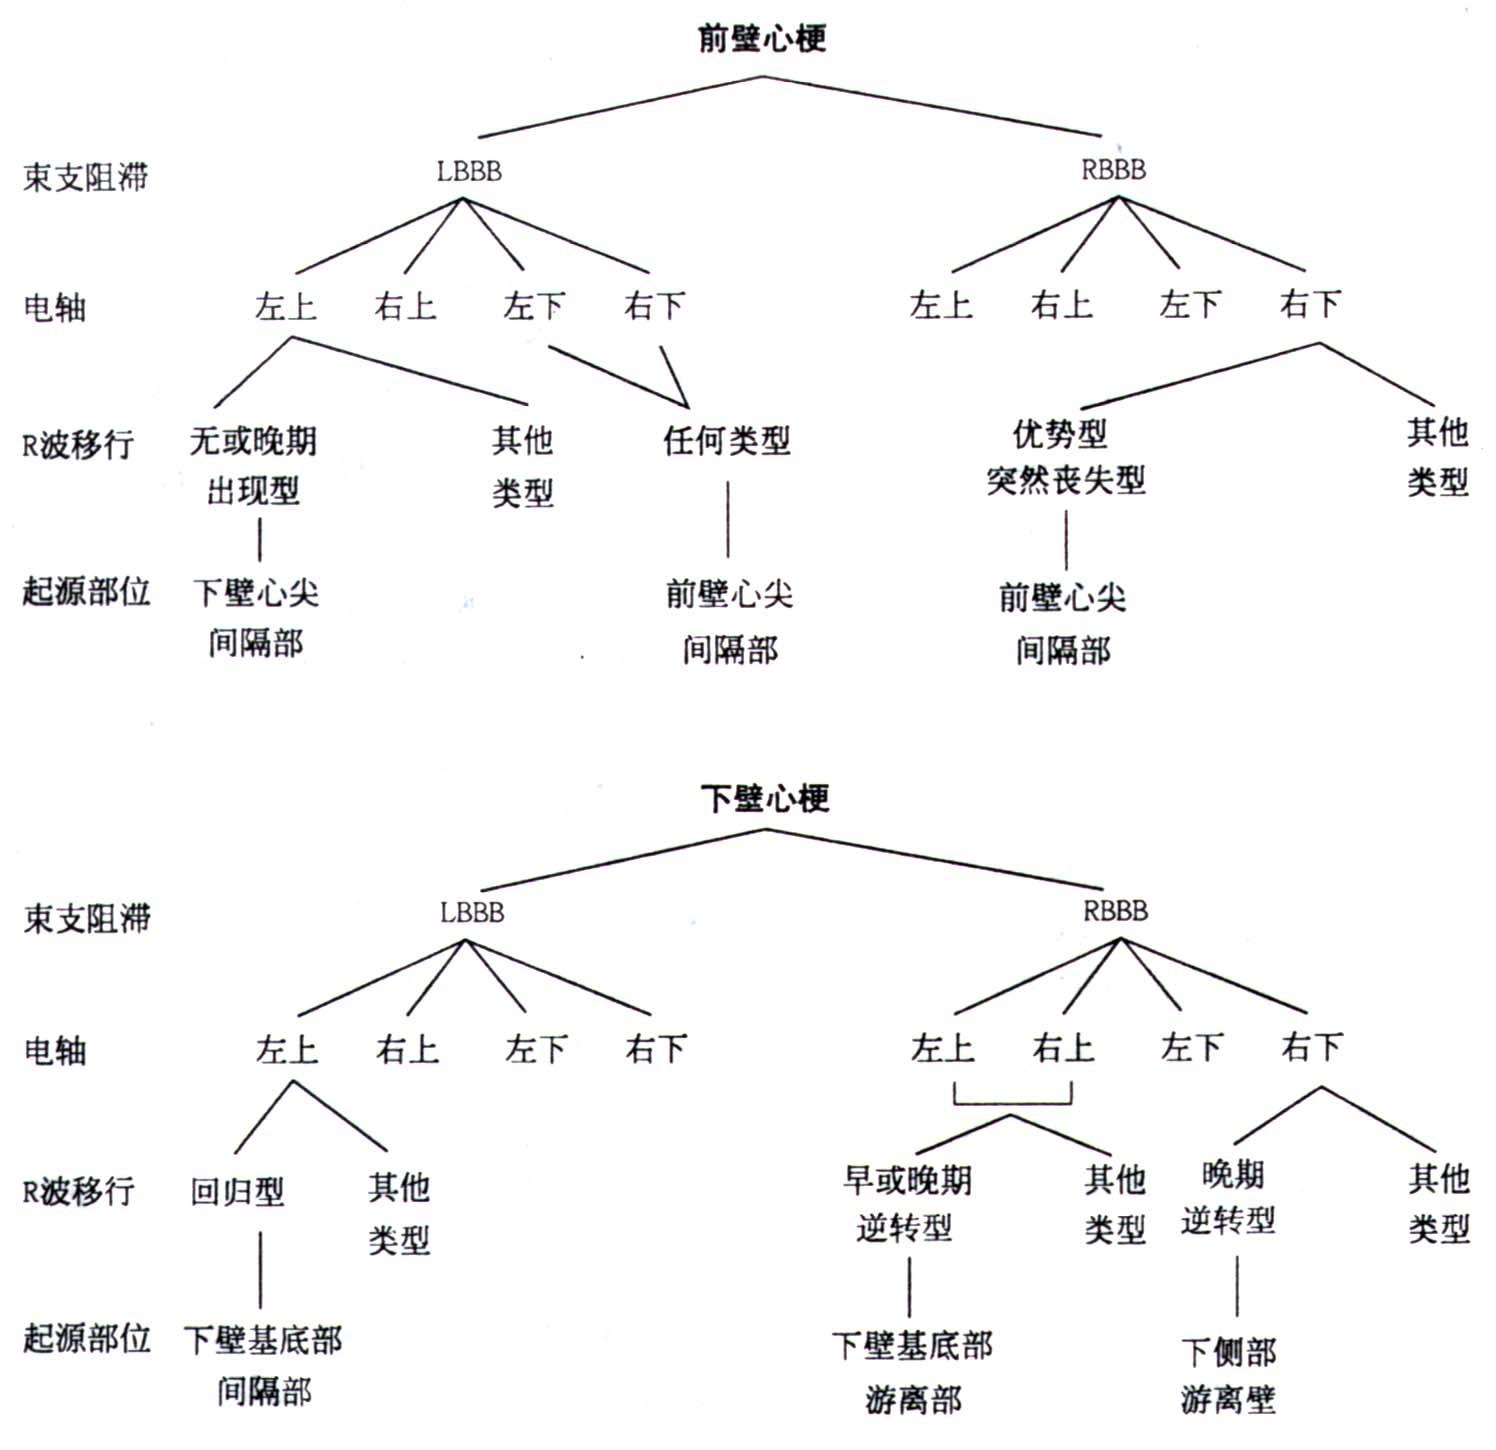 图3 室速的起源部位与体表12导联心电图间关系流程图